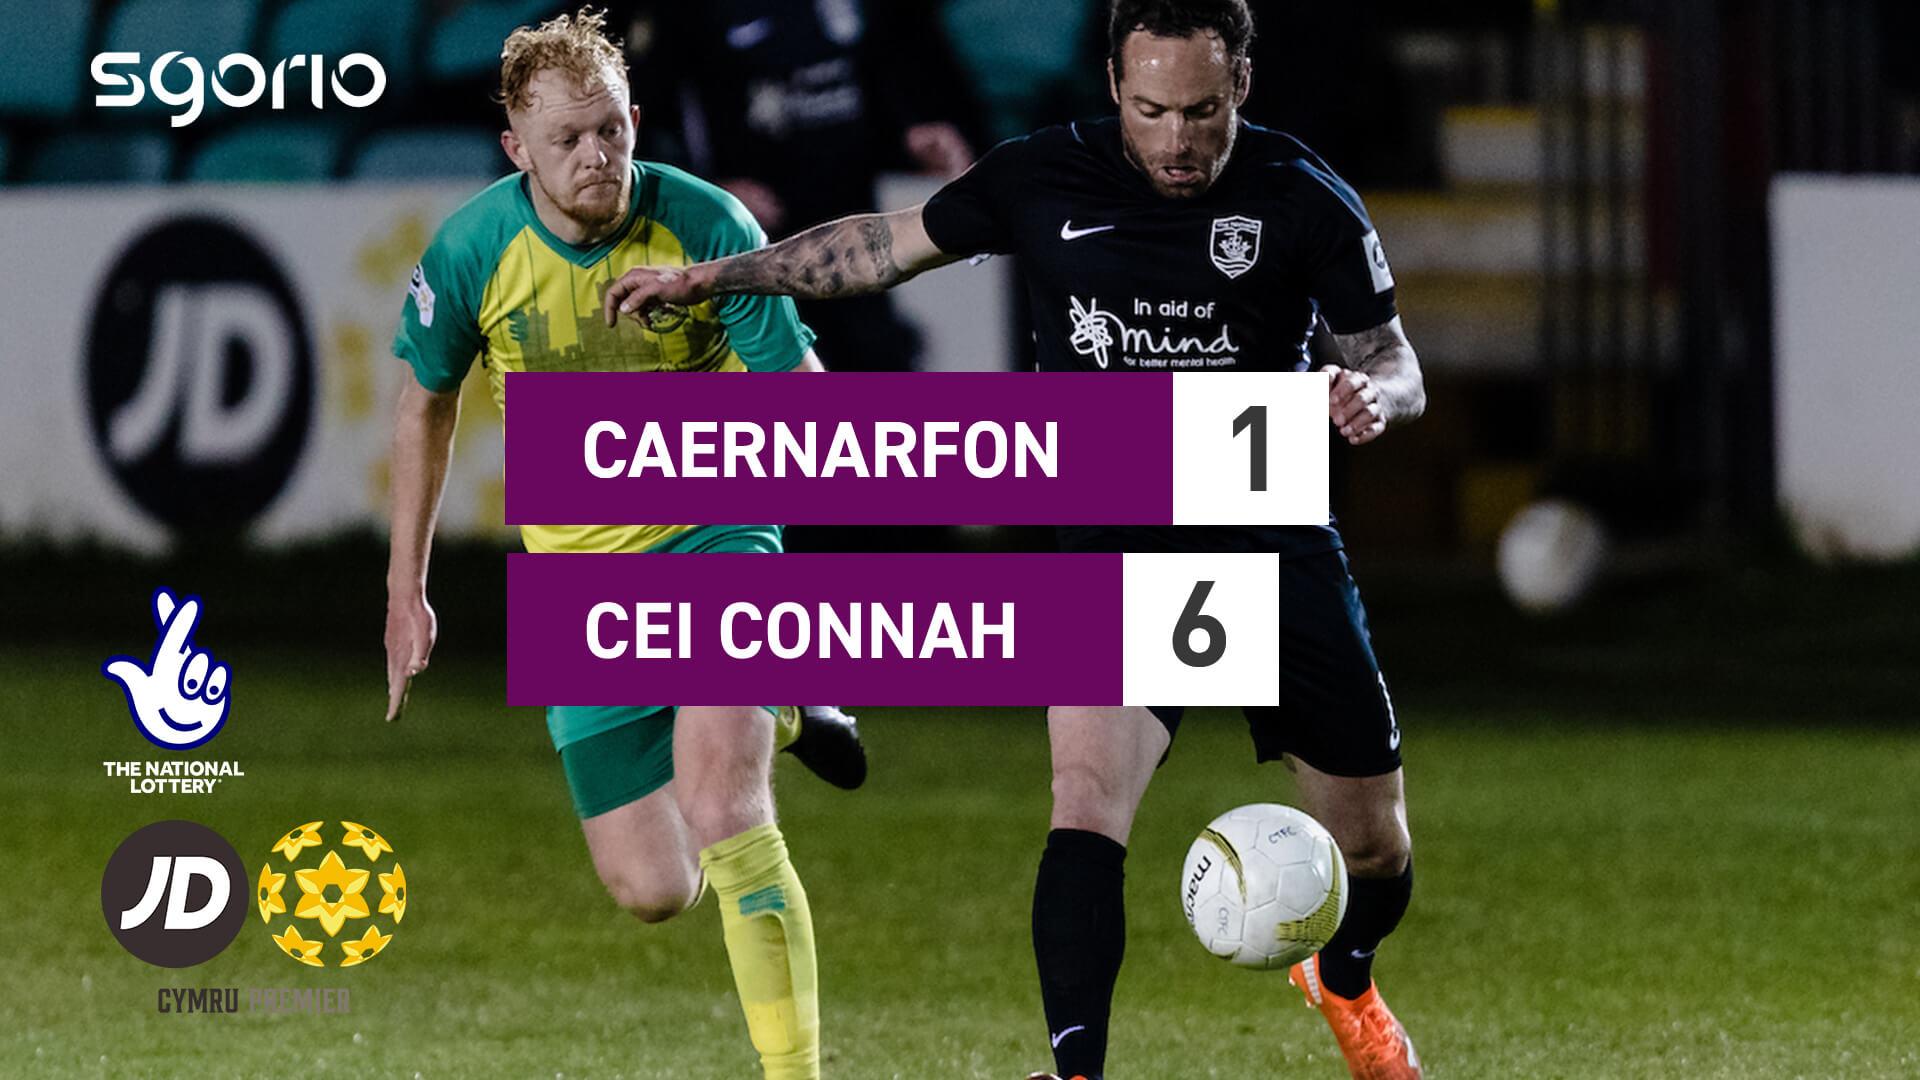 Caernarfon 1-6 Cei Connah